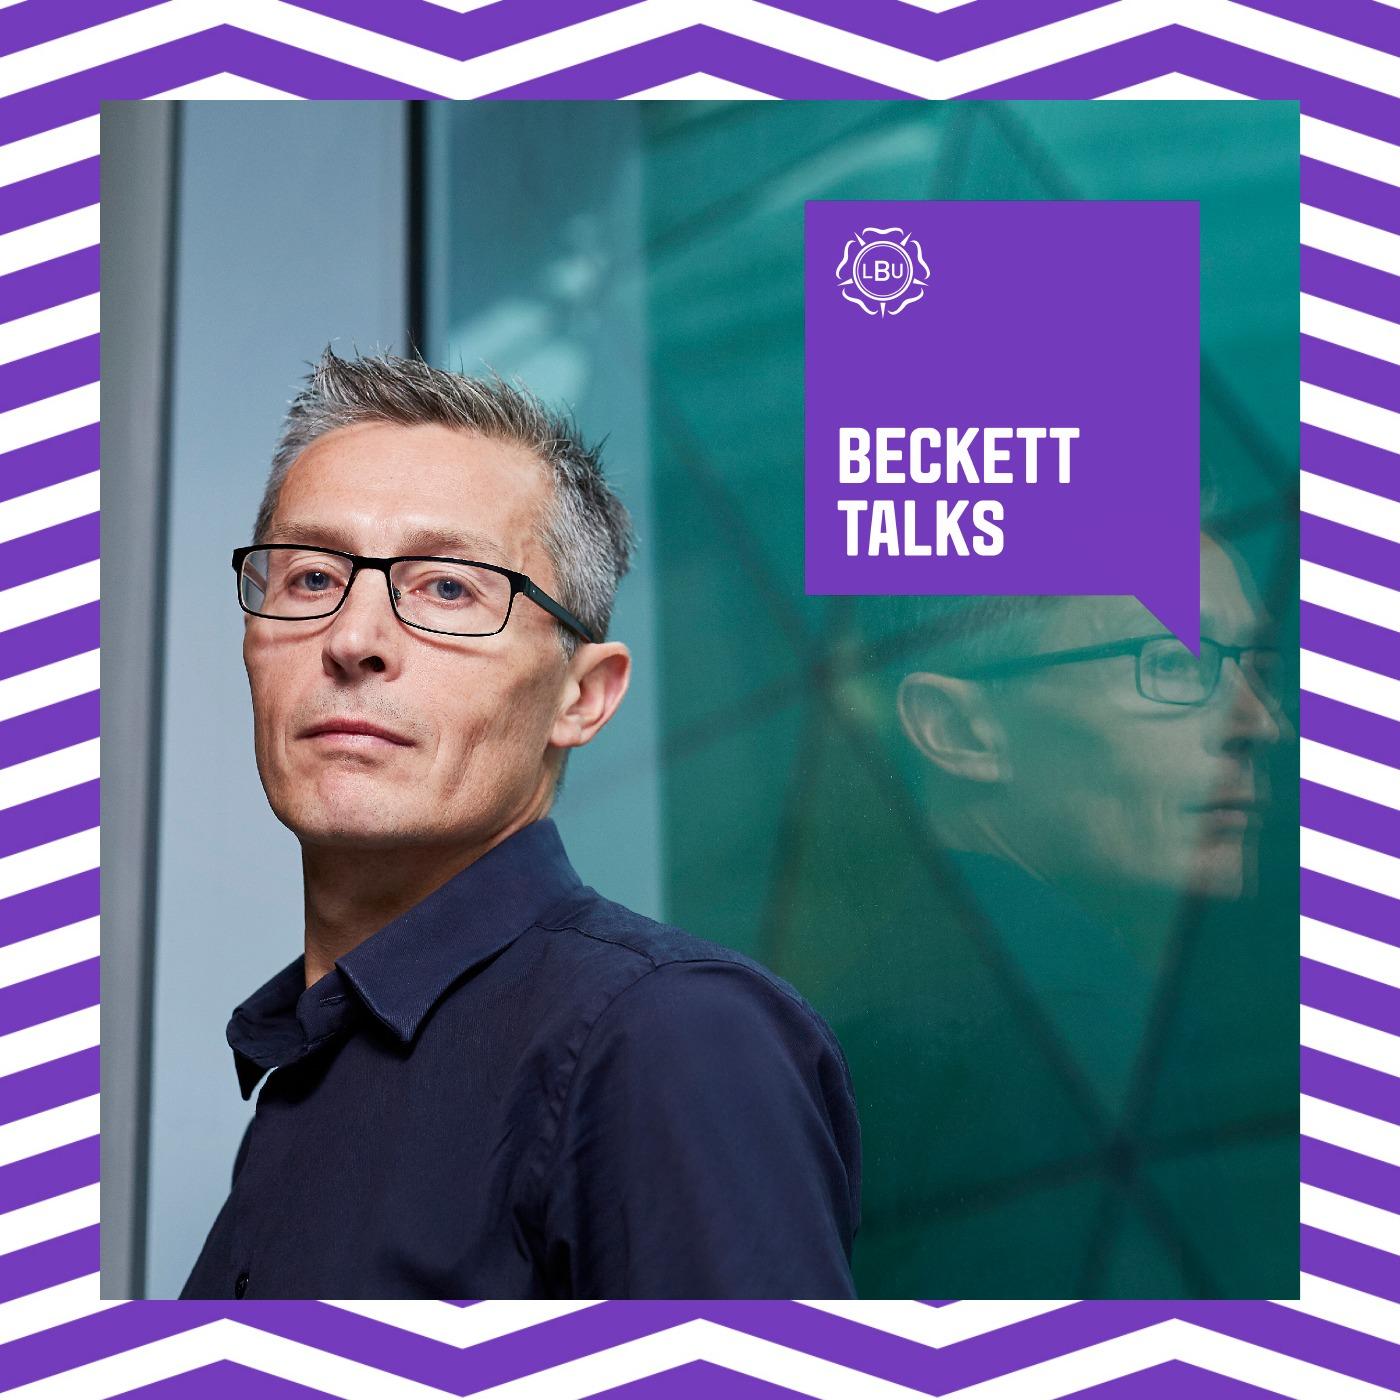 Artwork for podcast Beckett Talks